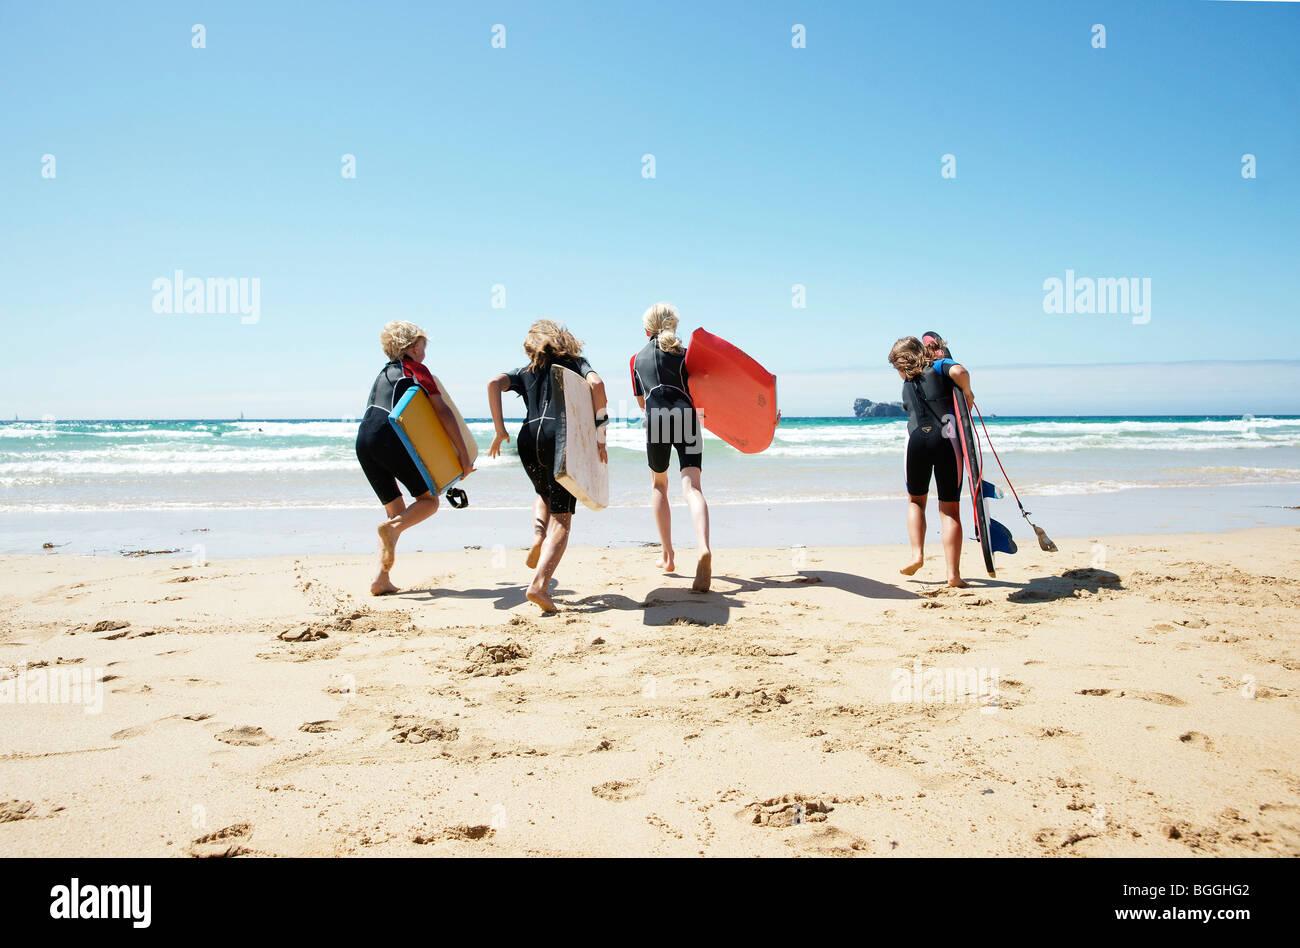 Los niños con tablas de surf en el agua, vista trasera Imagen De Stock